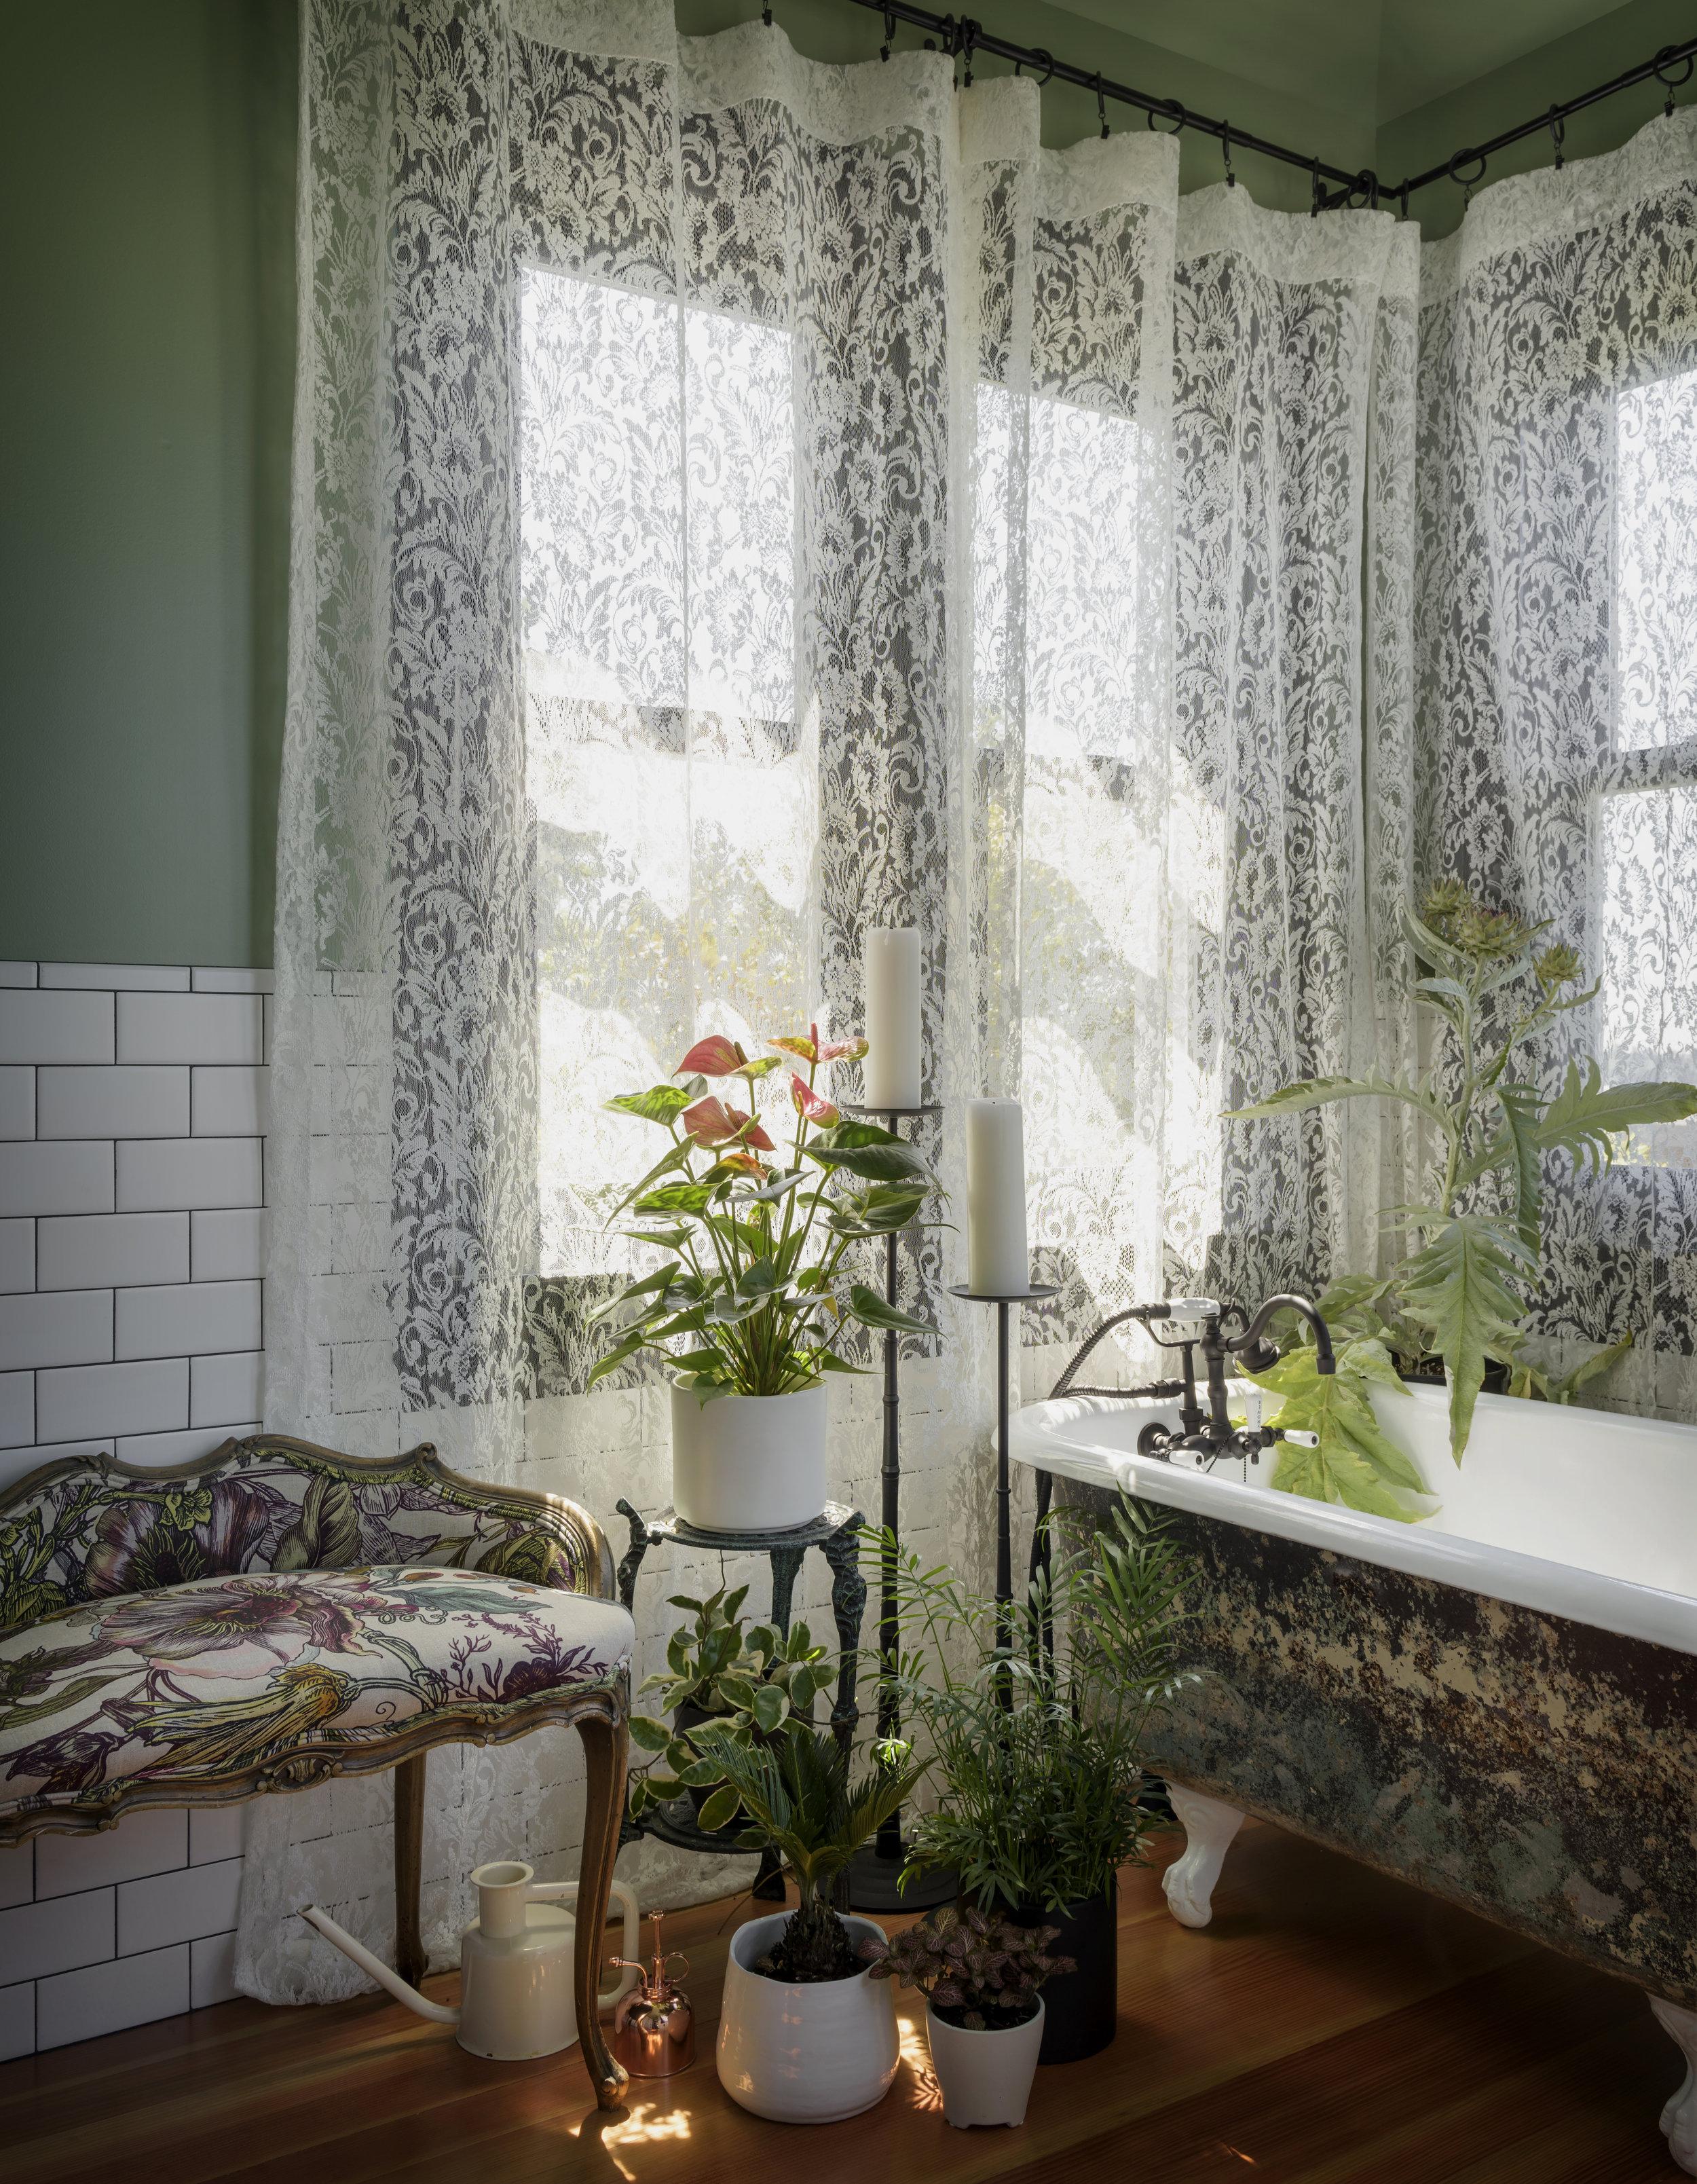 michelle-dirkse-historic-residence-4.jpg